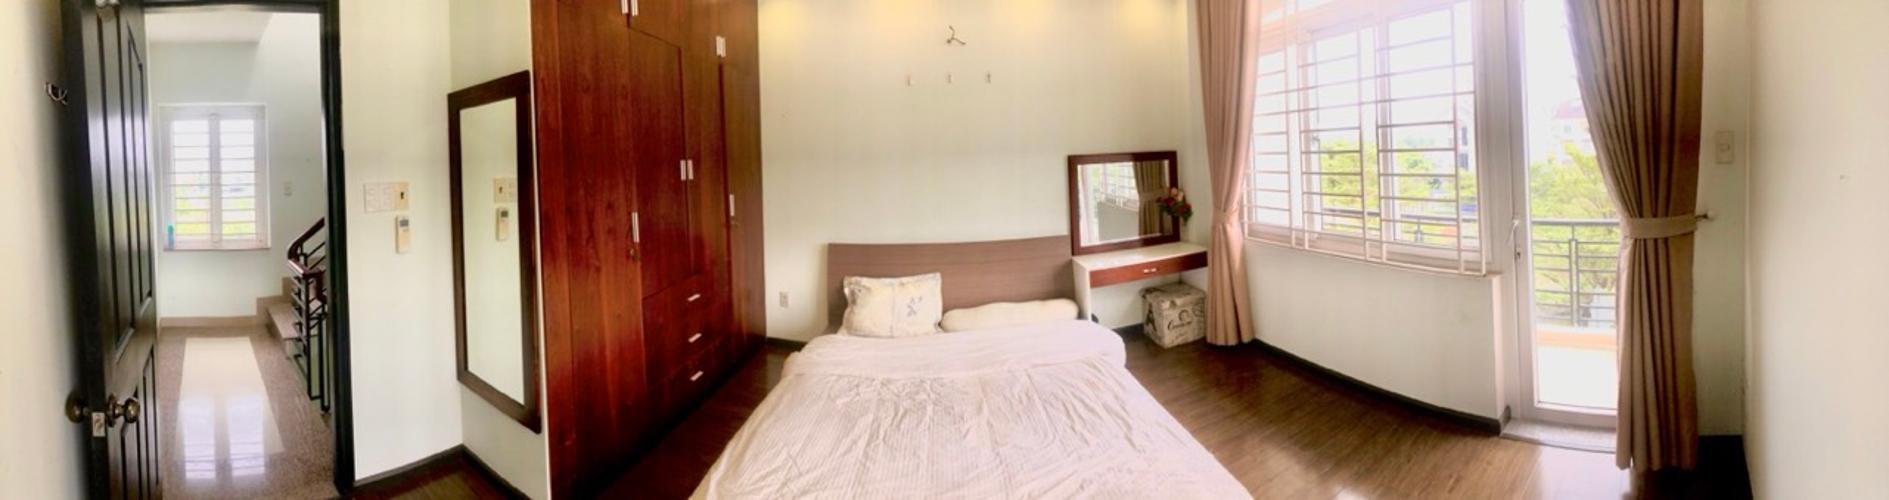 Phòng ngủ nhà phố Quận 9 Nhà phố KDC Hoàng Anh Minh Tuấn Quận 9 nhà bàn giao đầy đủ nội thất.